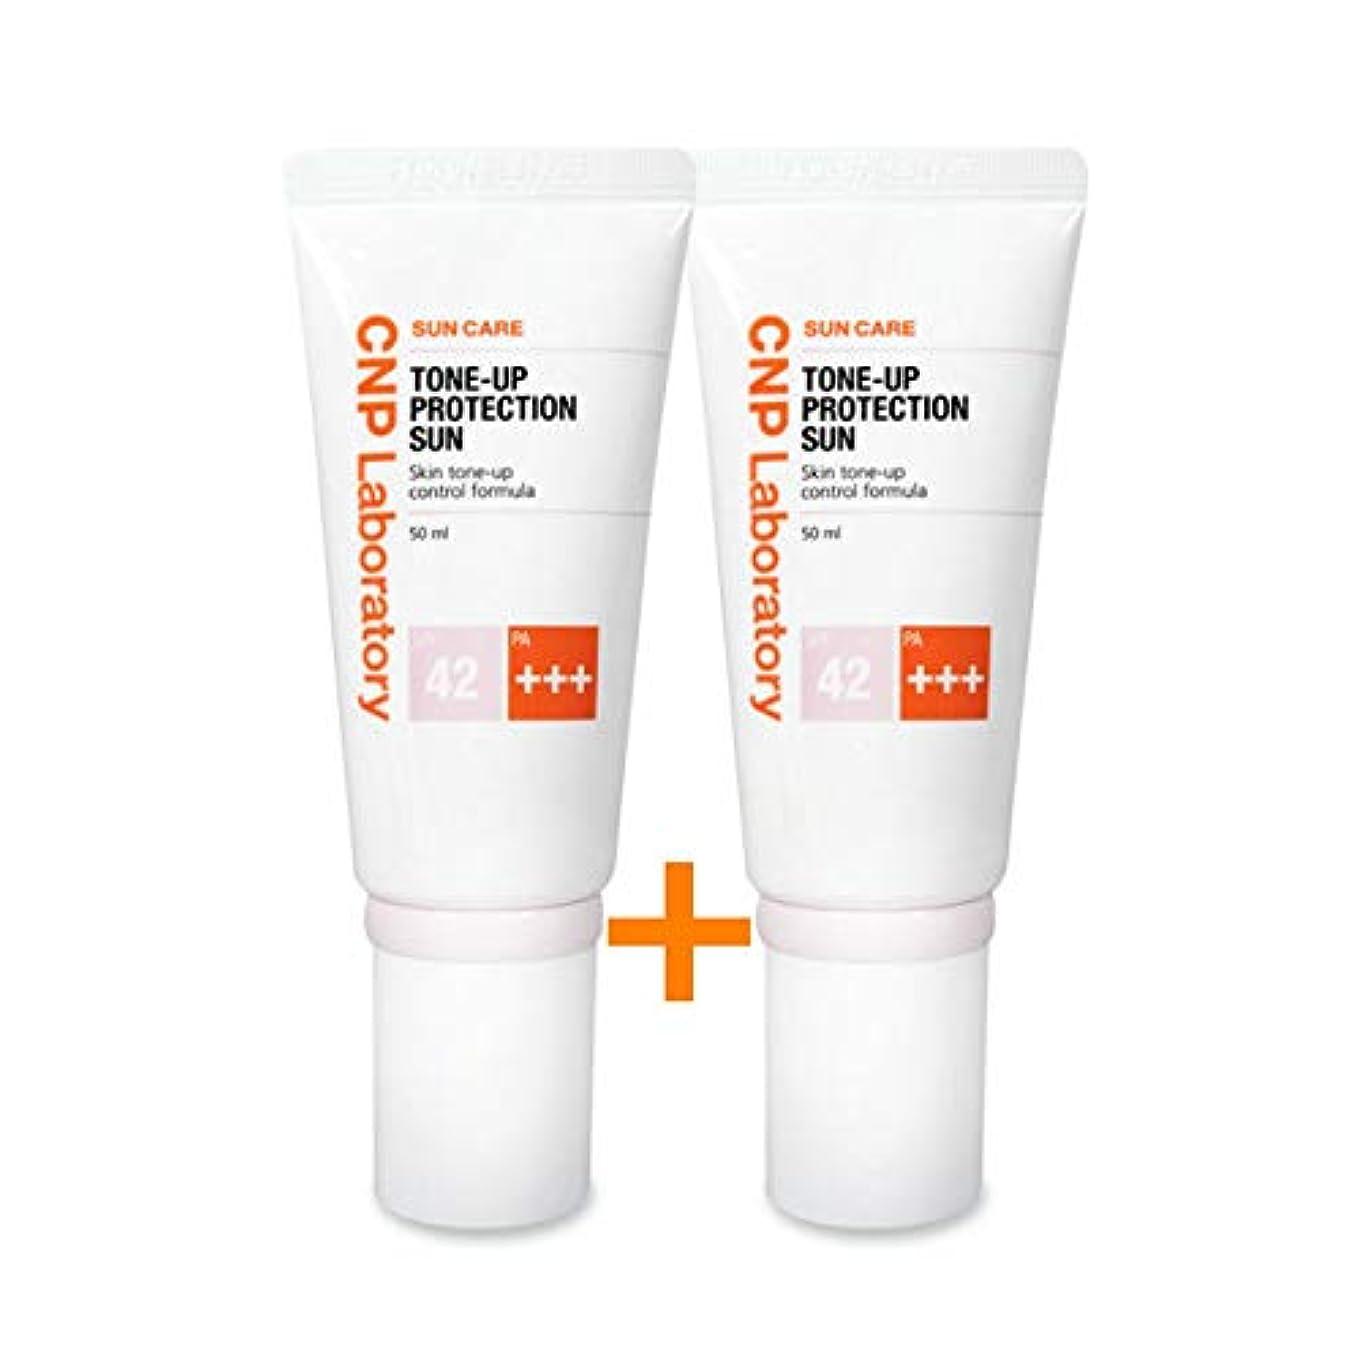 むちゃくちゃ昨日感度[ 1 + 1 ] CNPトンオププロテクションサン?クリーム紫外線遮断剤 (SPF42 / PA+++) 50ml、CNP Tone-up Protection Sun Cream (SPF42 / PA+++) 50ml...